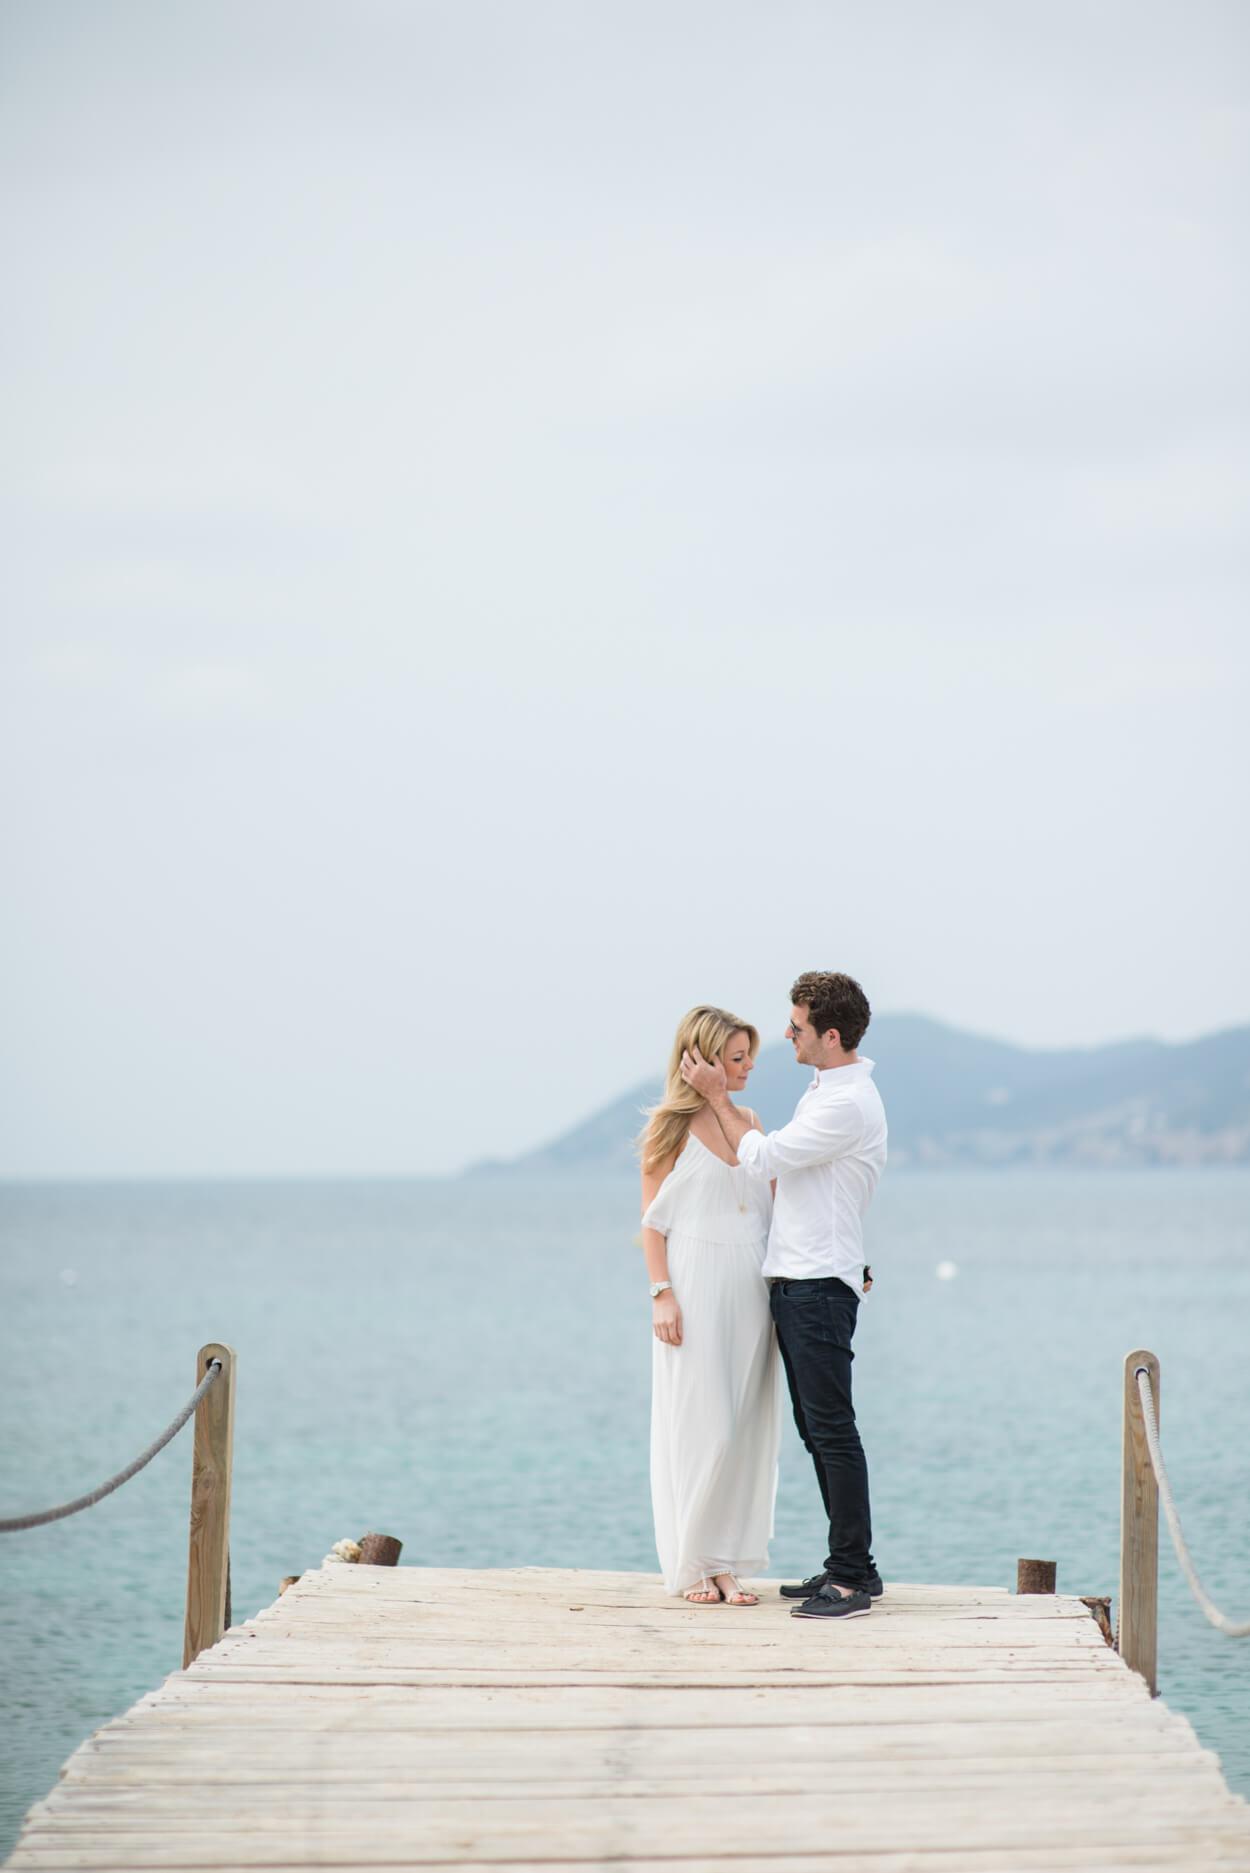 couple portrait boat pier engagement shoot blue sea background